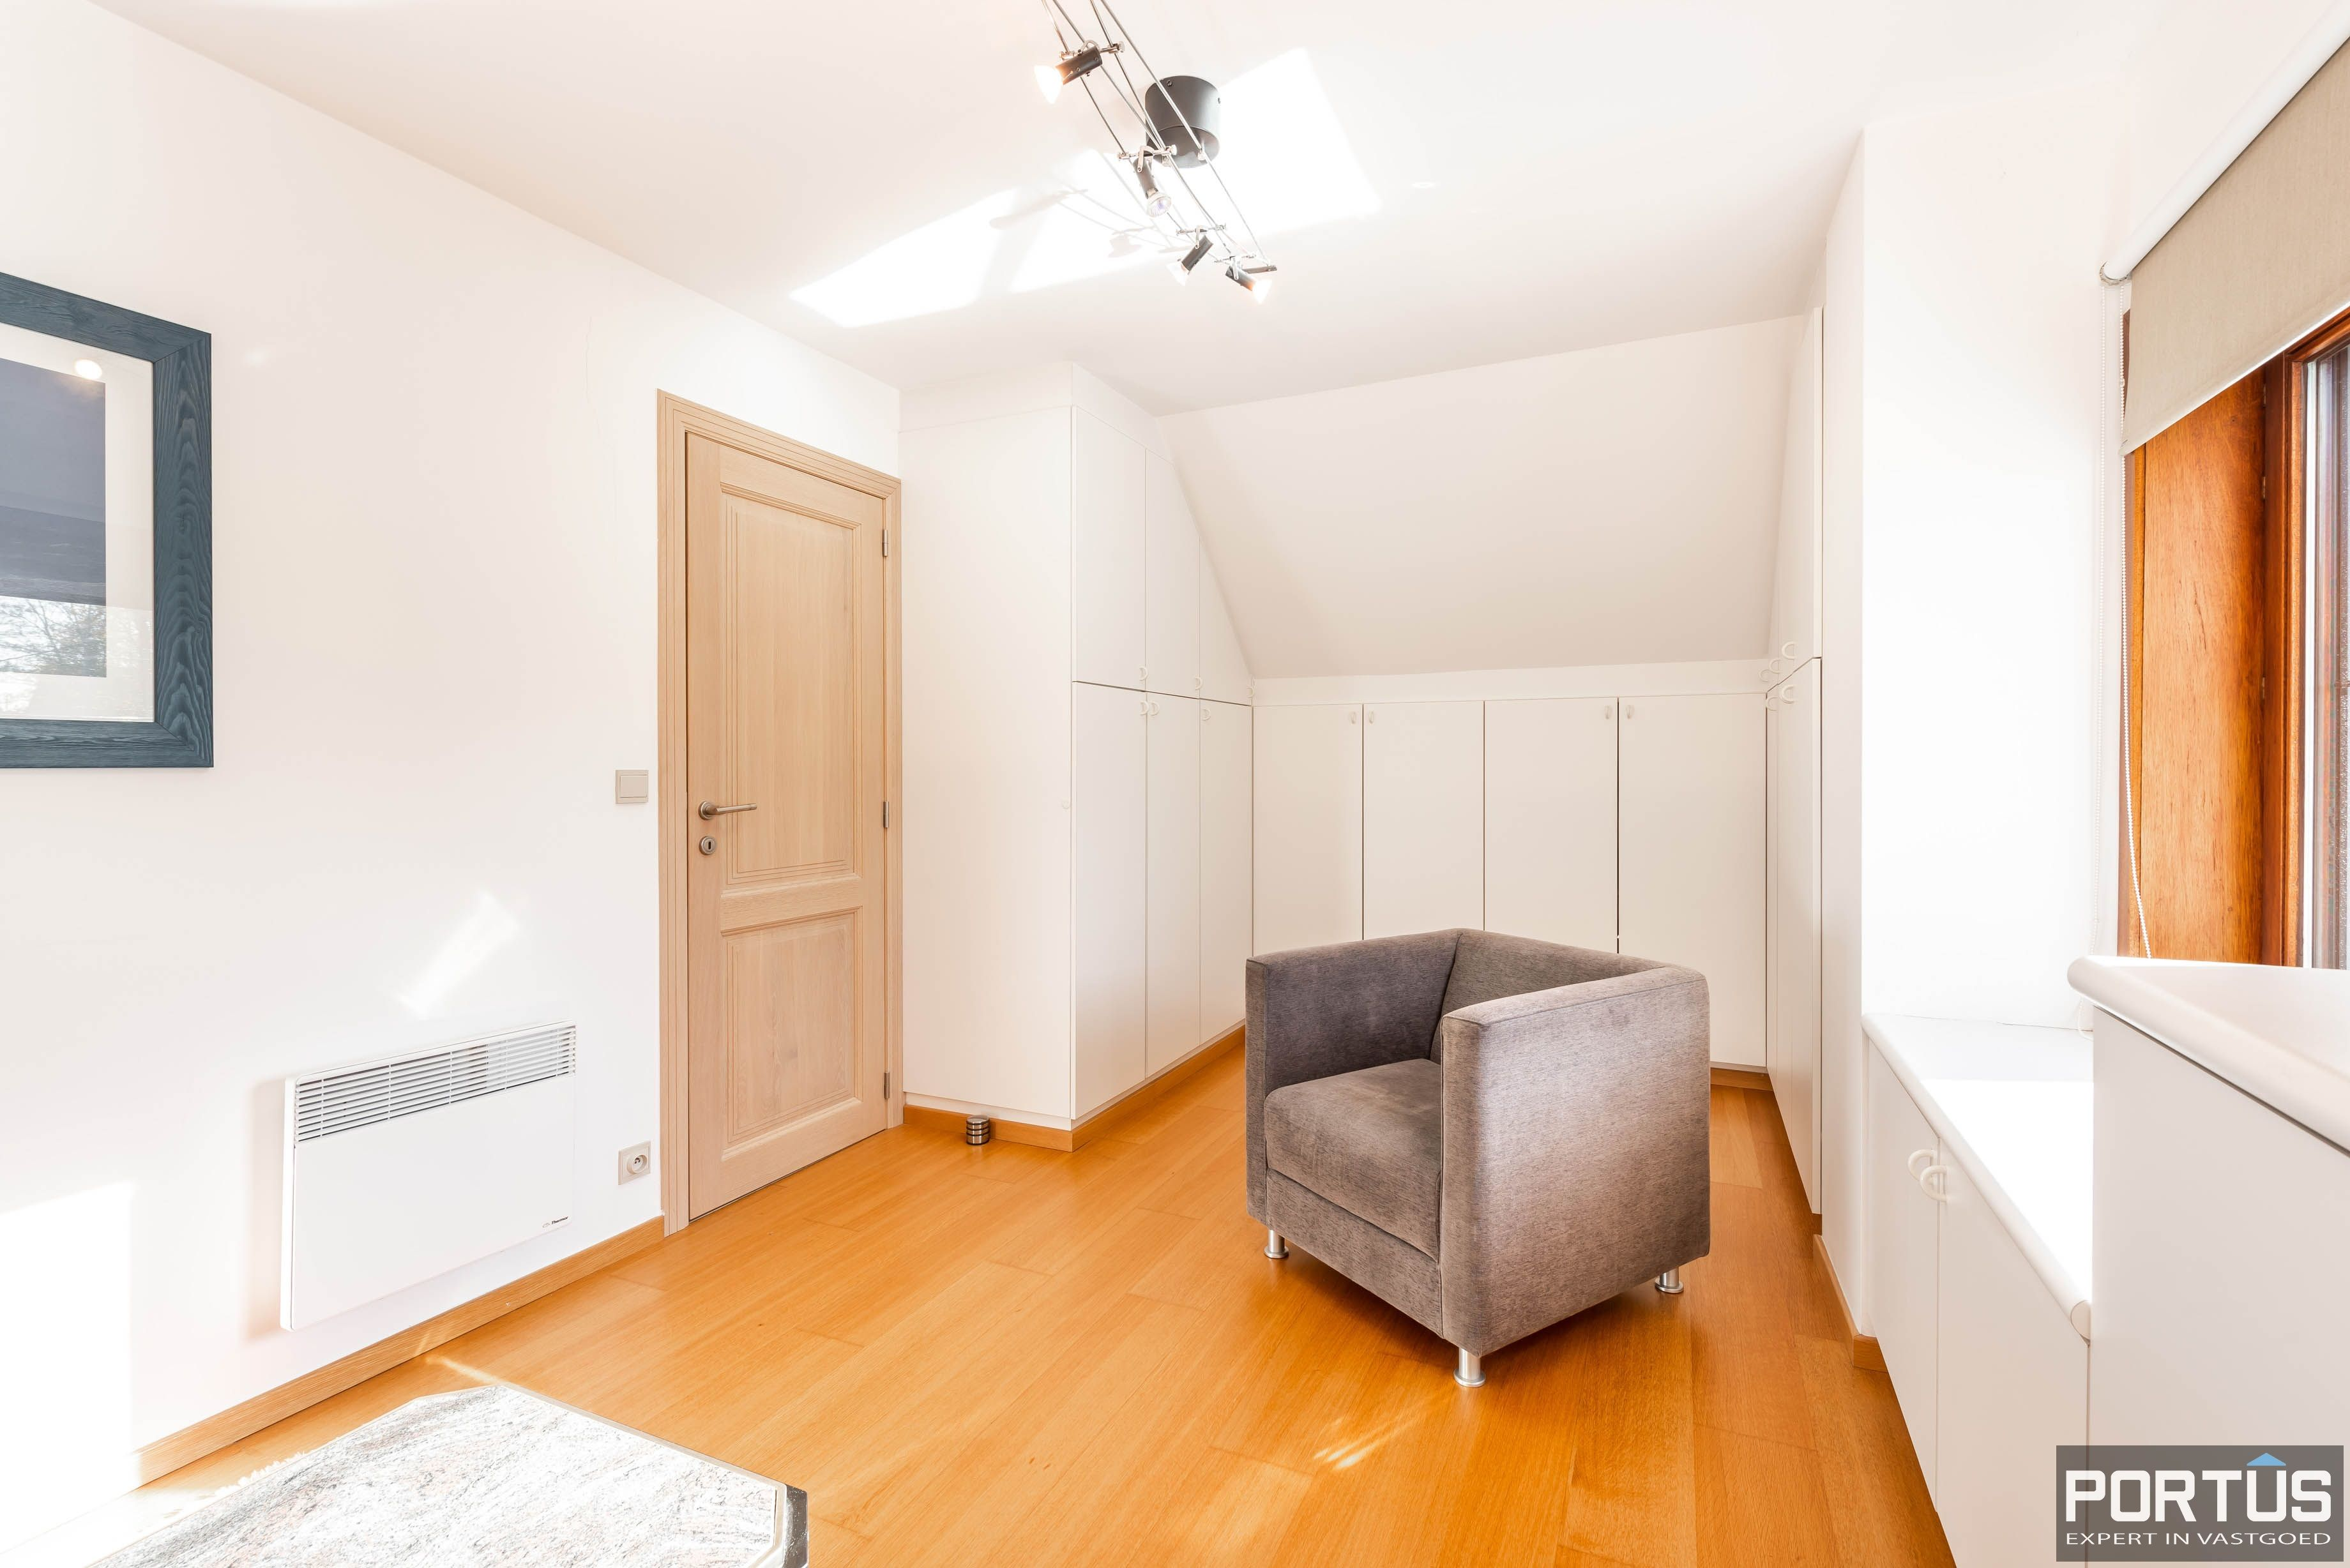 Exclusieve villa te koop te Nieuwpoort - 8974